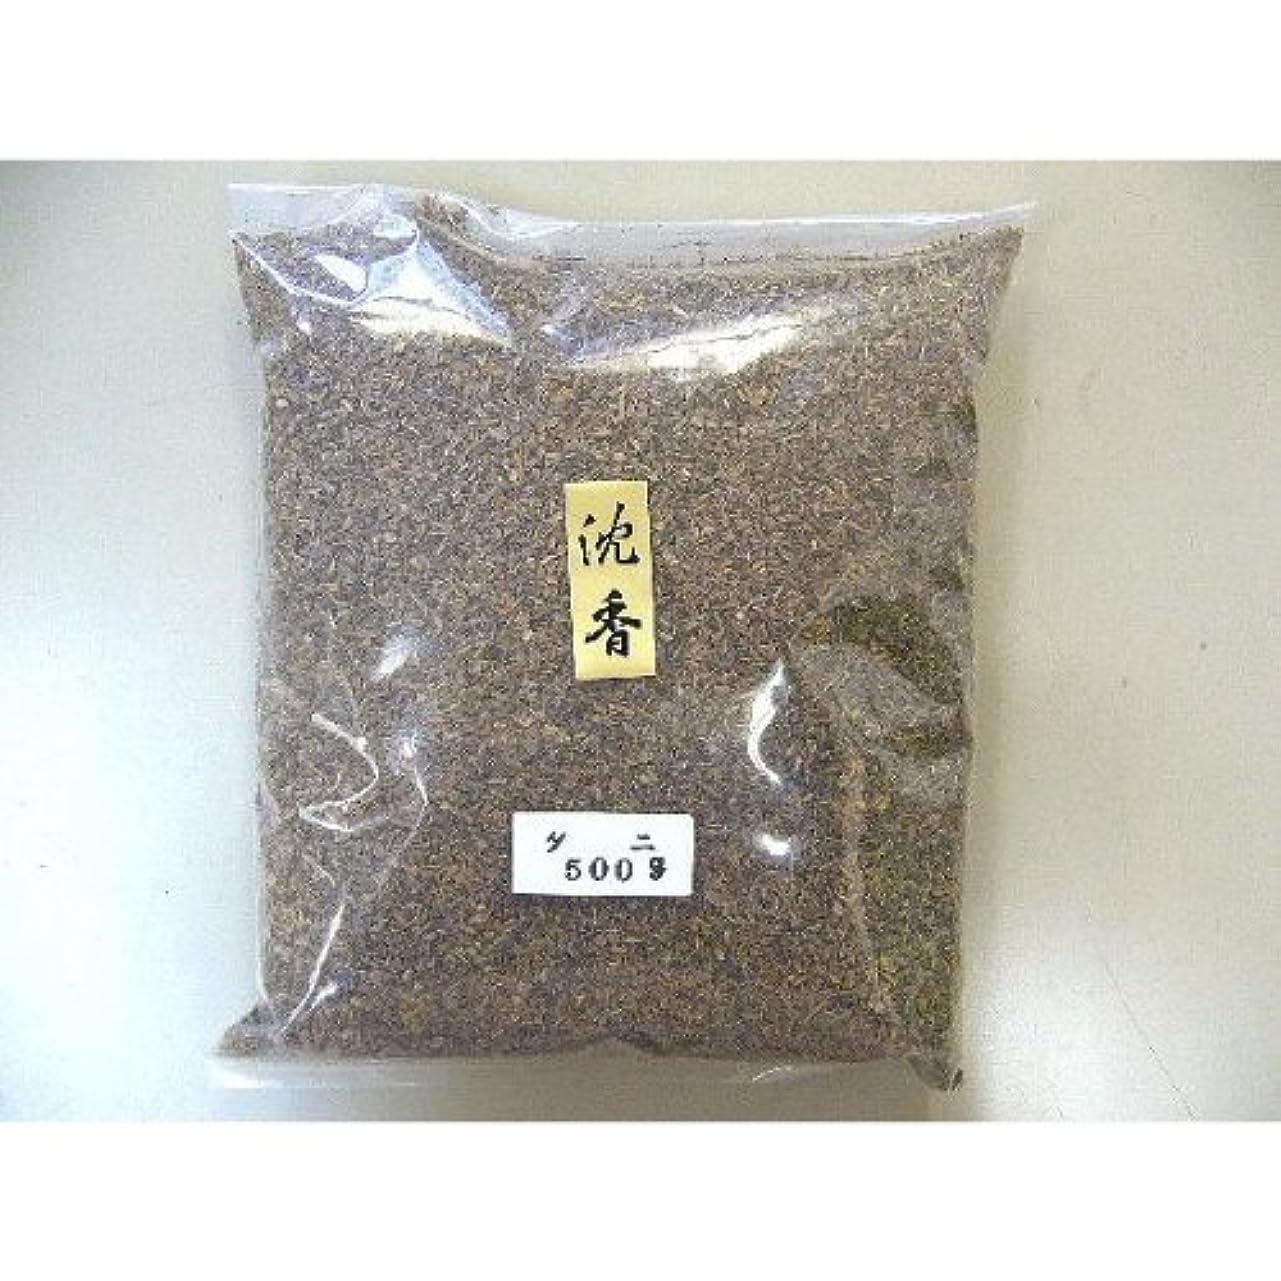 センチメートルシリーズ郡インドネシア産 タニ沈香(刻み)500gビニ-ル袋入